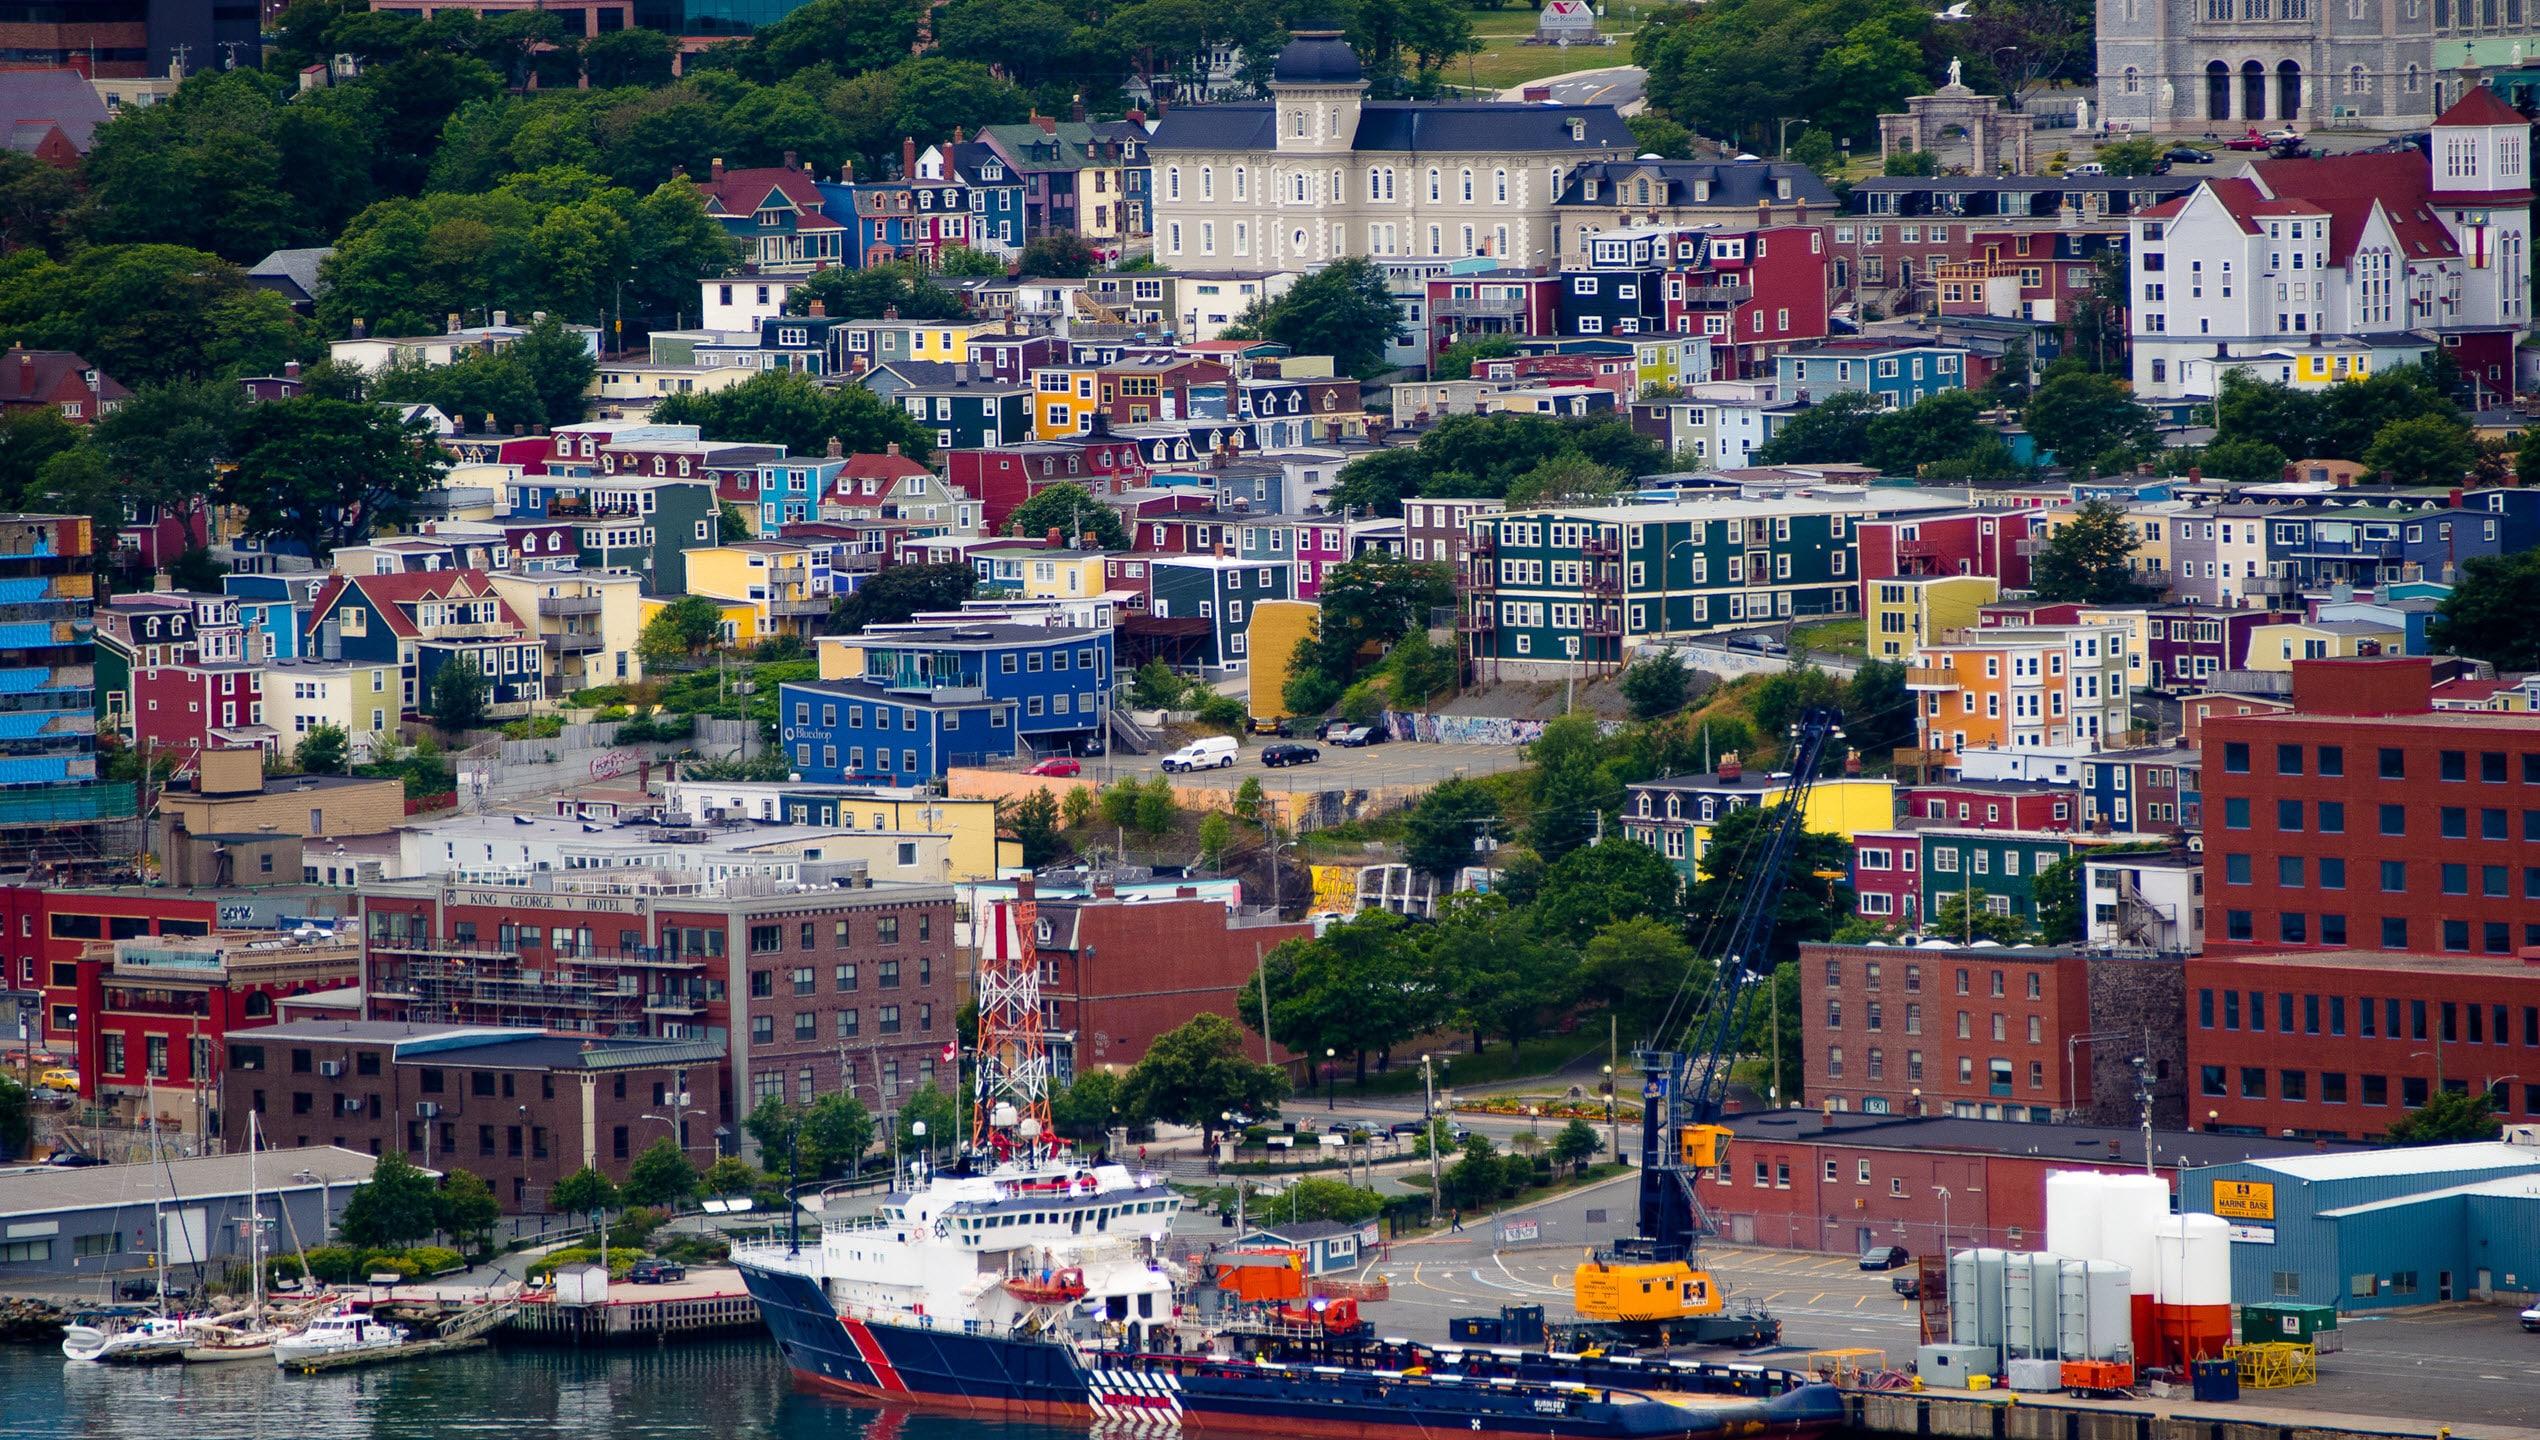 Jelly Bean Row Newfoundland